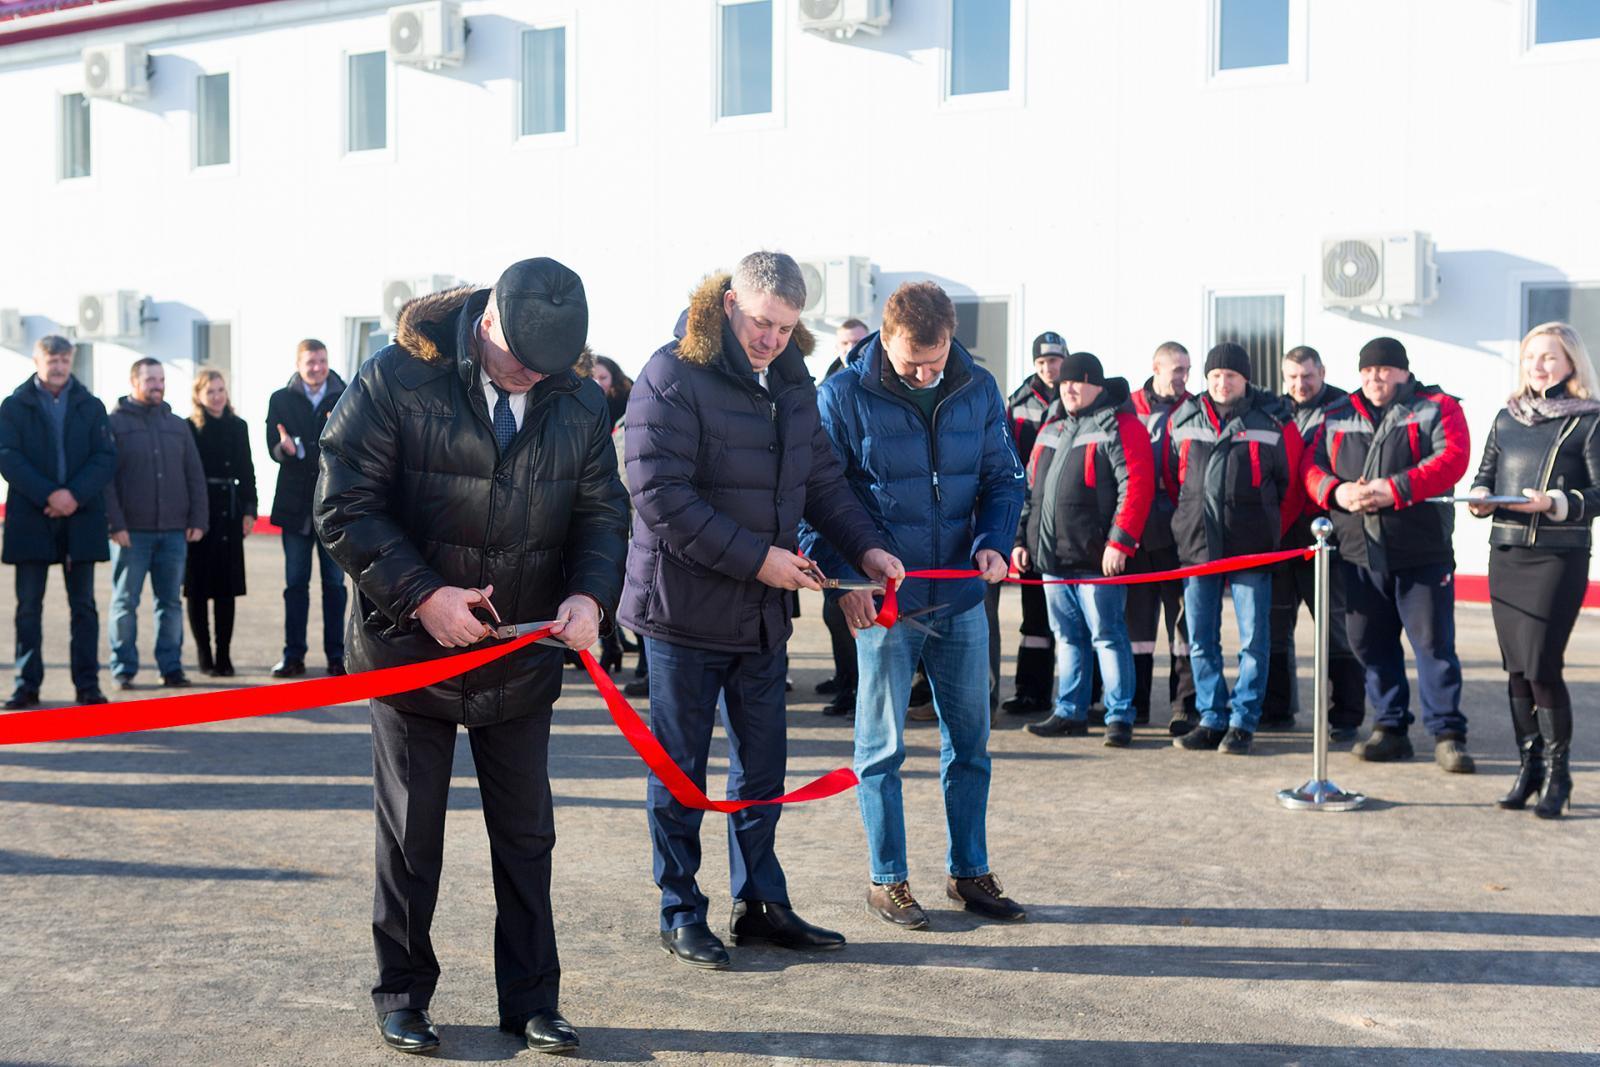 Мираторг инвестировал более 58 млн рублей в корпоративный учебно-технический центр «Академия Мираторг»